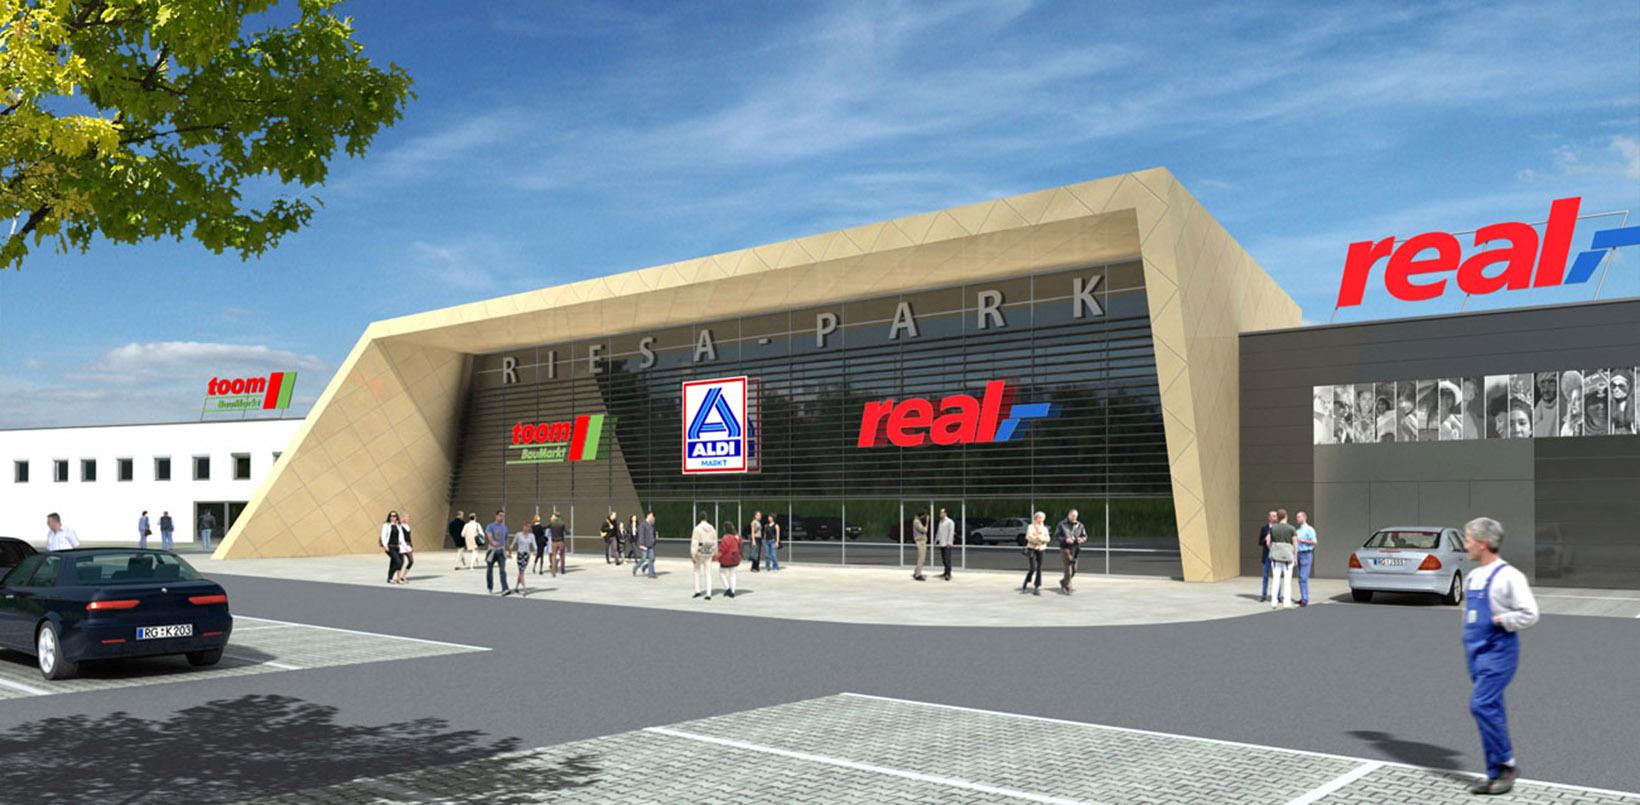 Architekt Christ Einkaufscenter Riesa Park 2